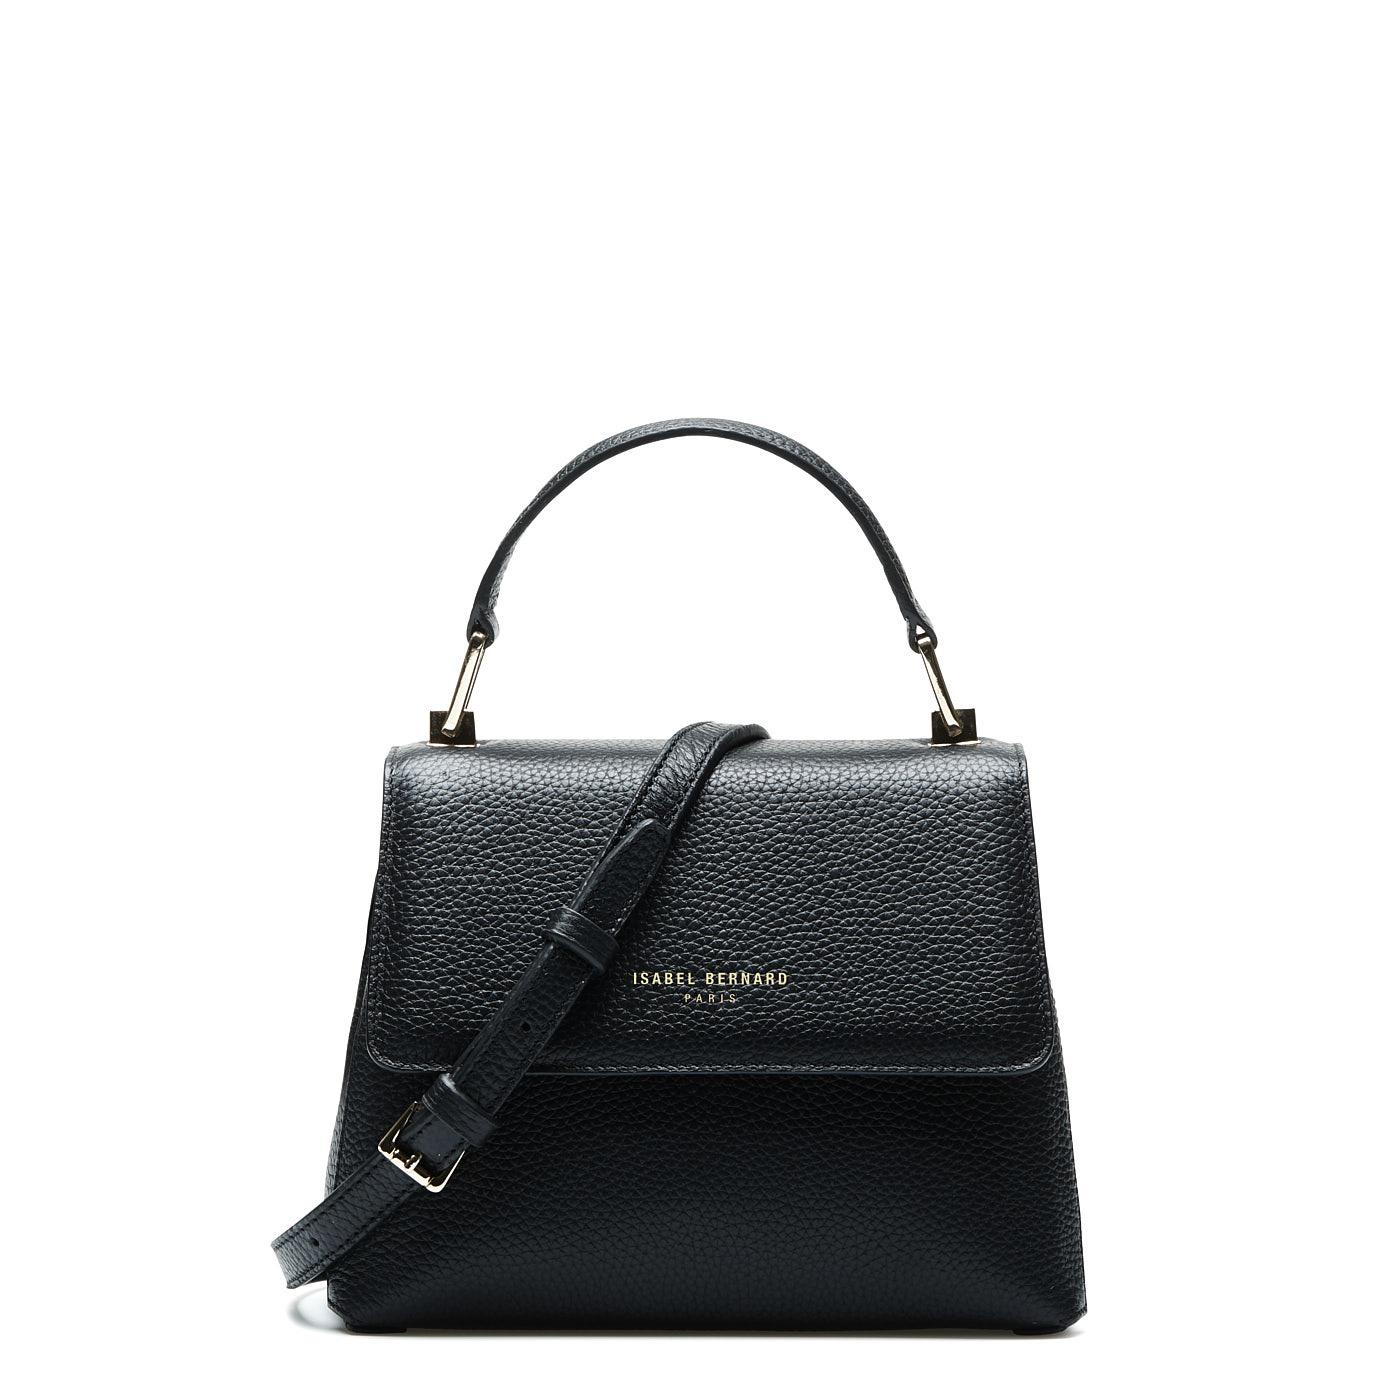 Isabel Bernard Femme Forte Heline sort læder håndtaske lavet af kalveskind